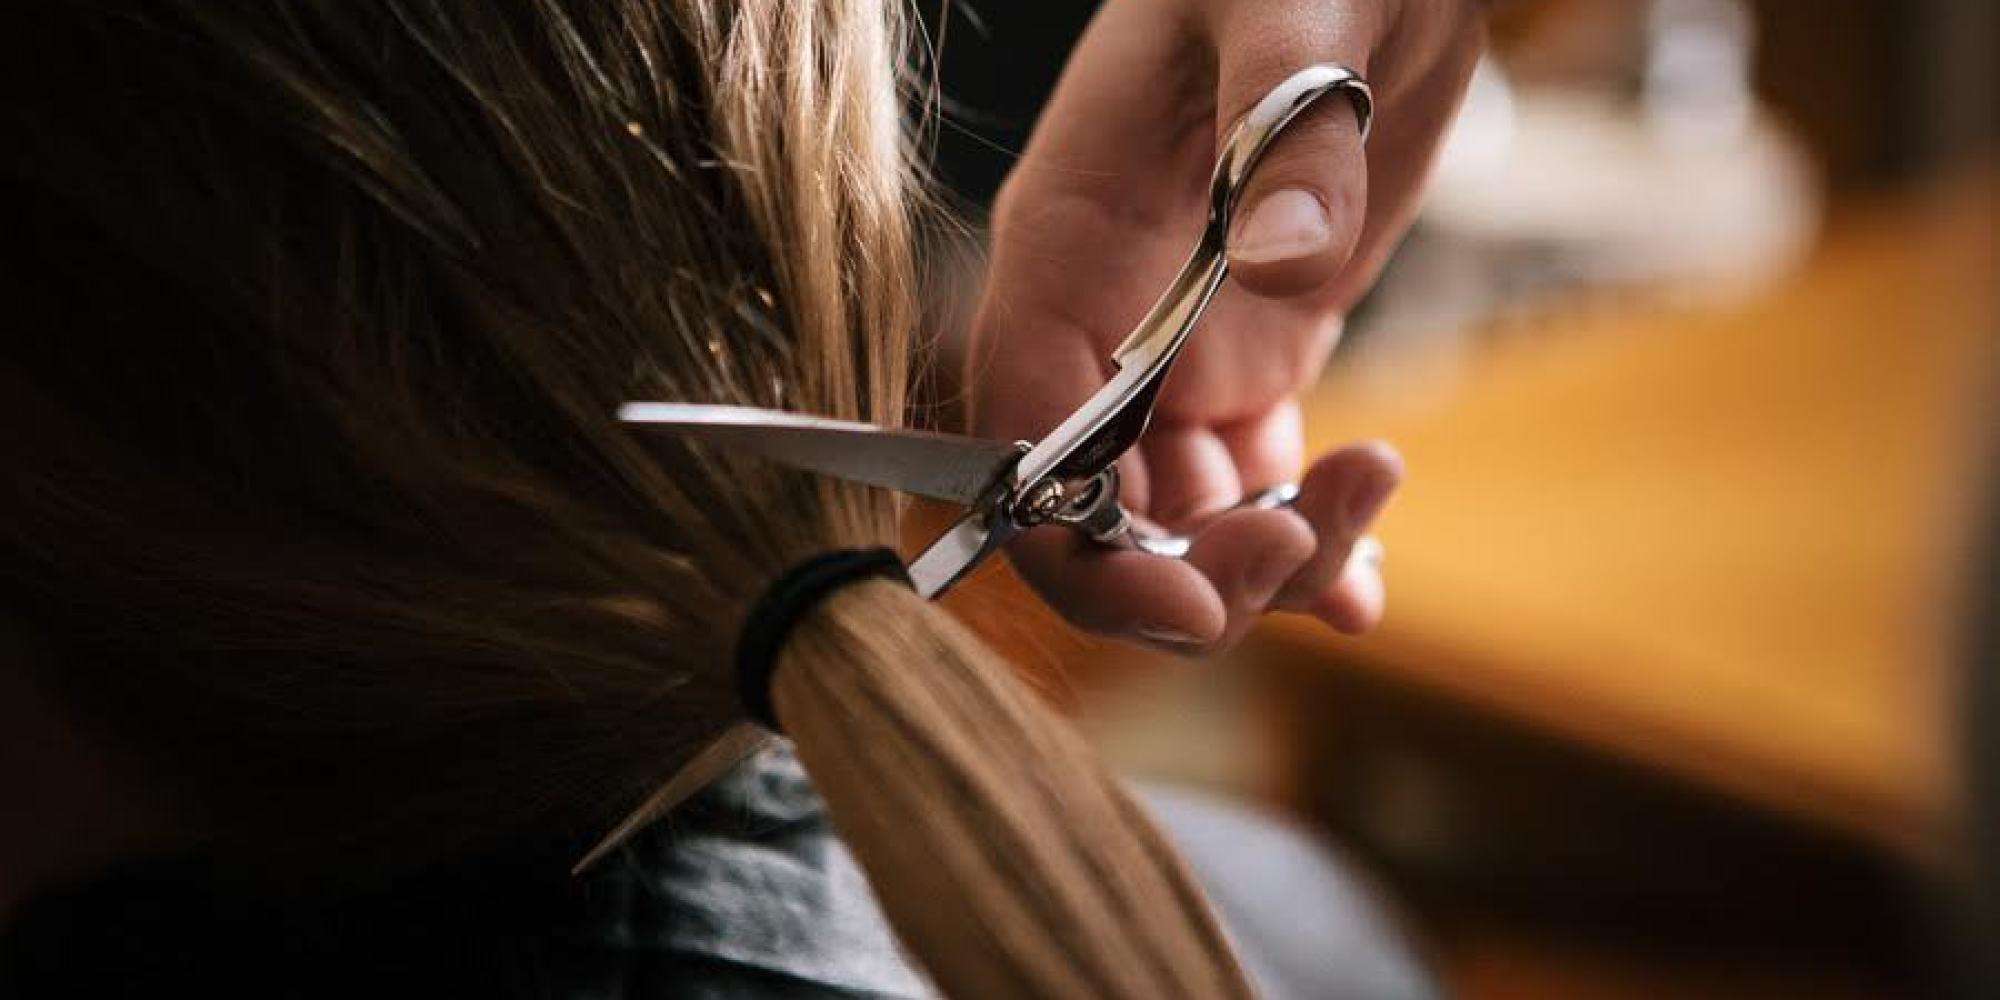 donnezpourcreer pant ne c l brera la journ e nationale du don de cheveux le 12 novembre. Black Bedroom Furniture Sets. Home Design Ideas